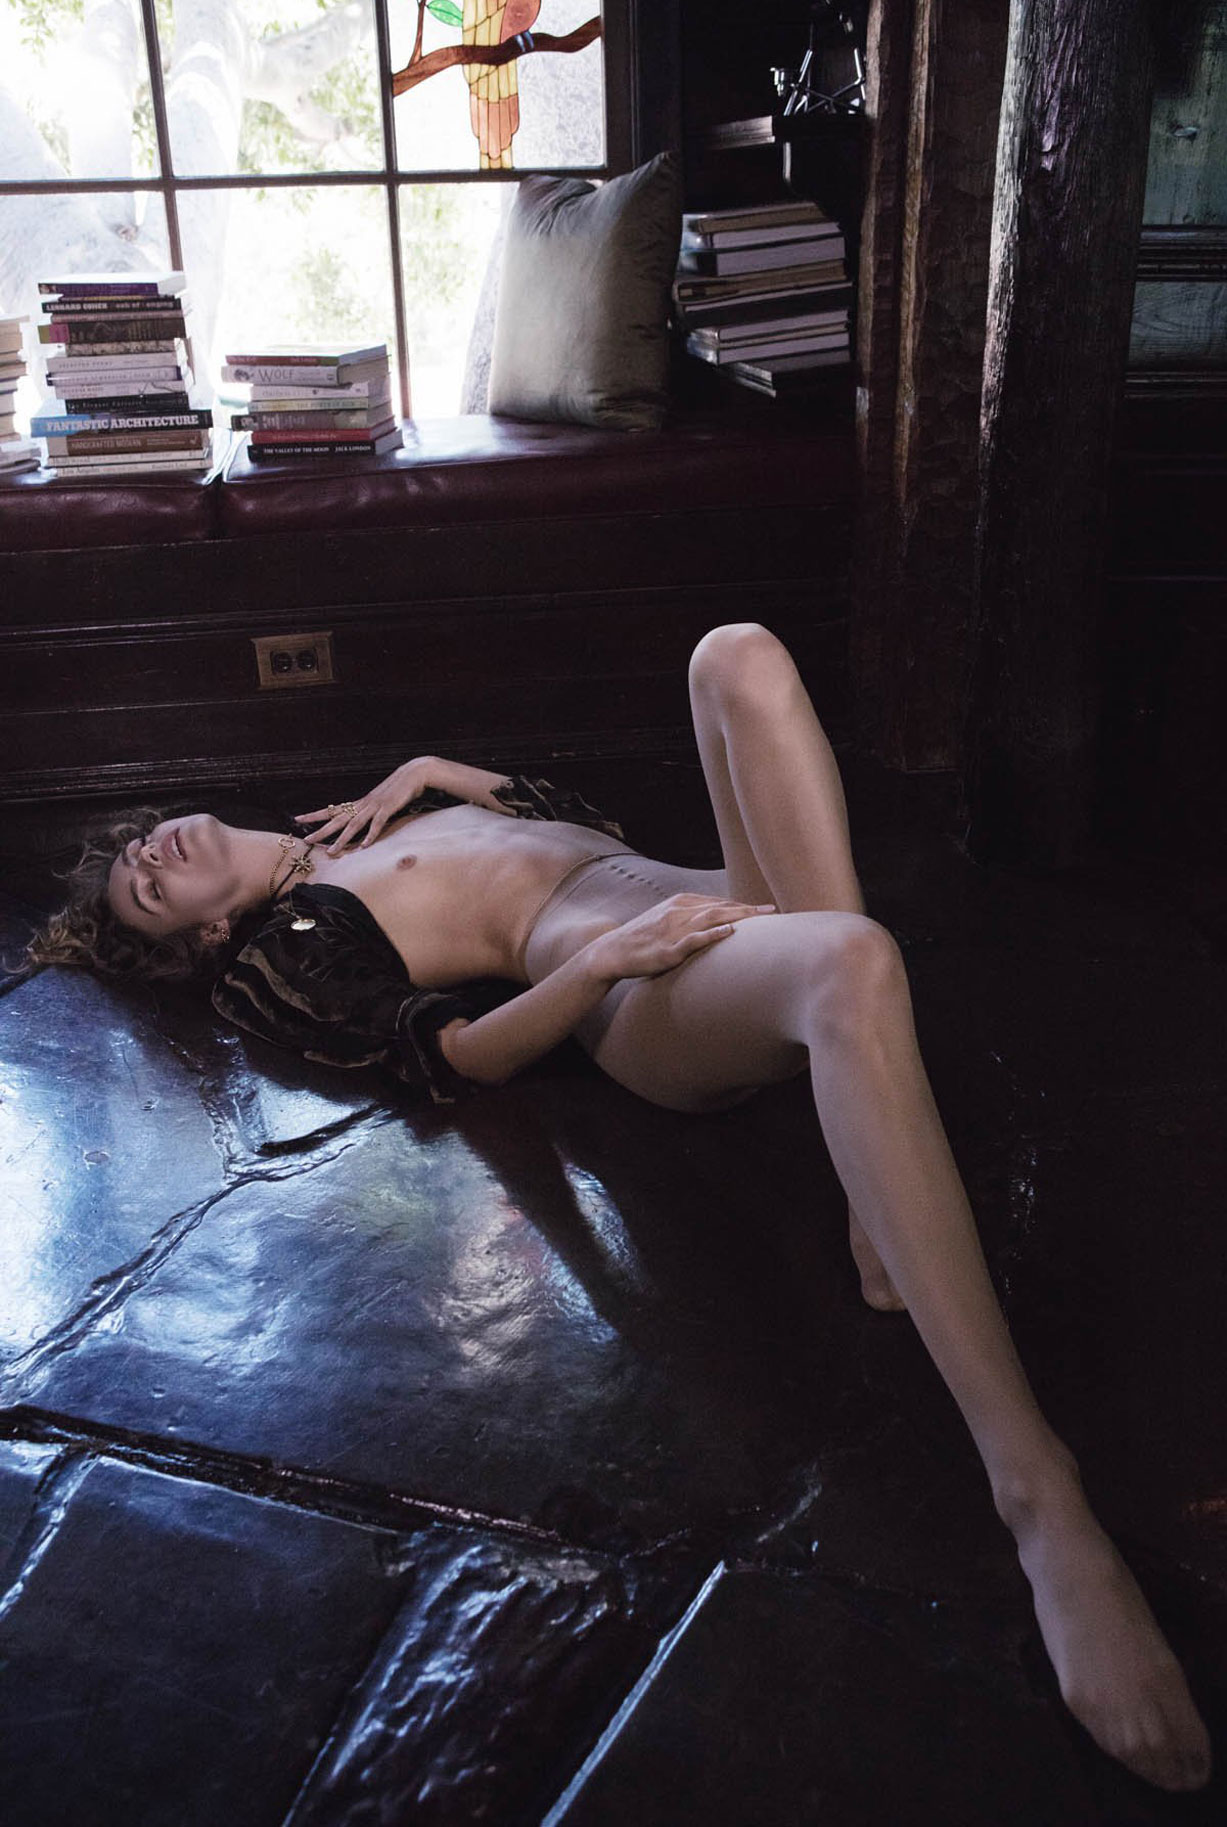 Жужу Иванюк в рекламной кампании одежды и драгоценностей модного бренда Vanessa Mooney / фото 16